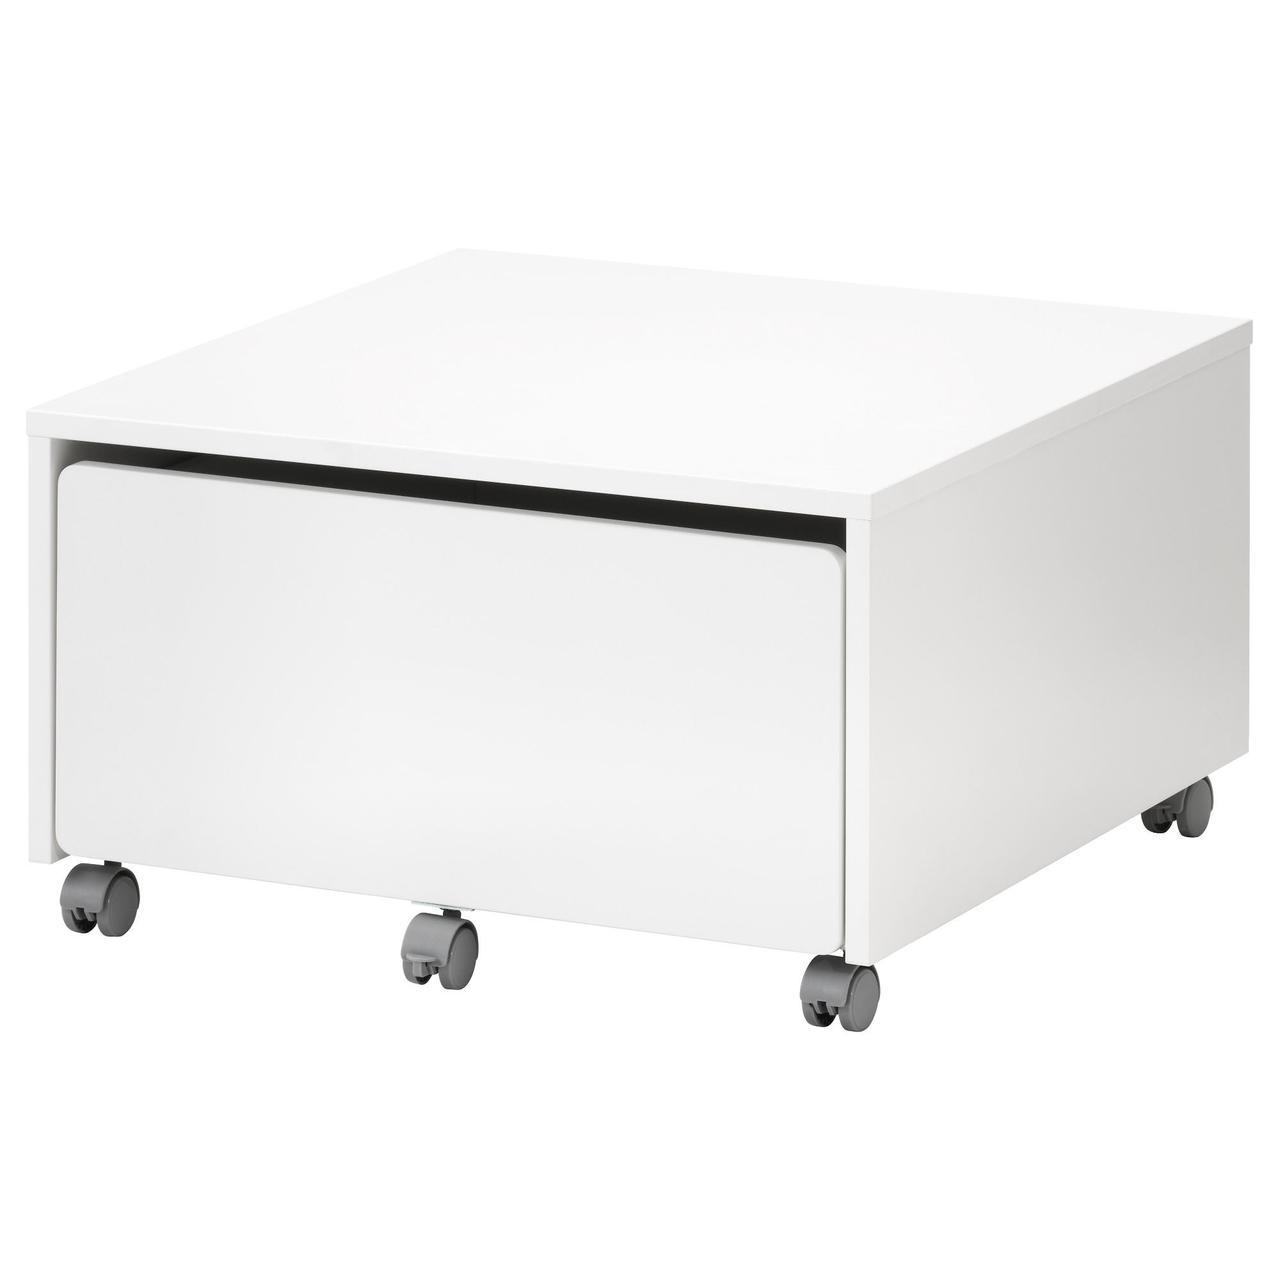 Ящик для хранения на колесиках IKEA SLÄKT 803.629.74